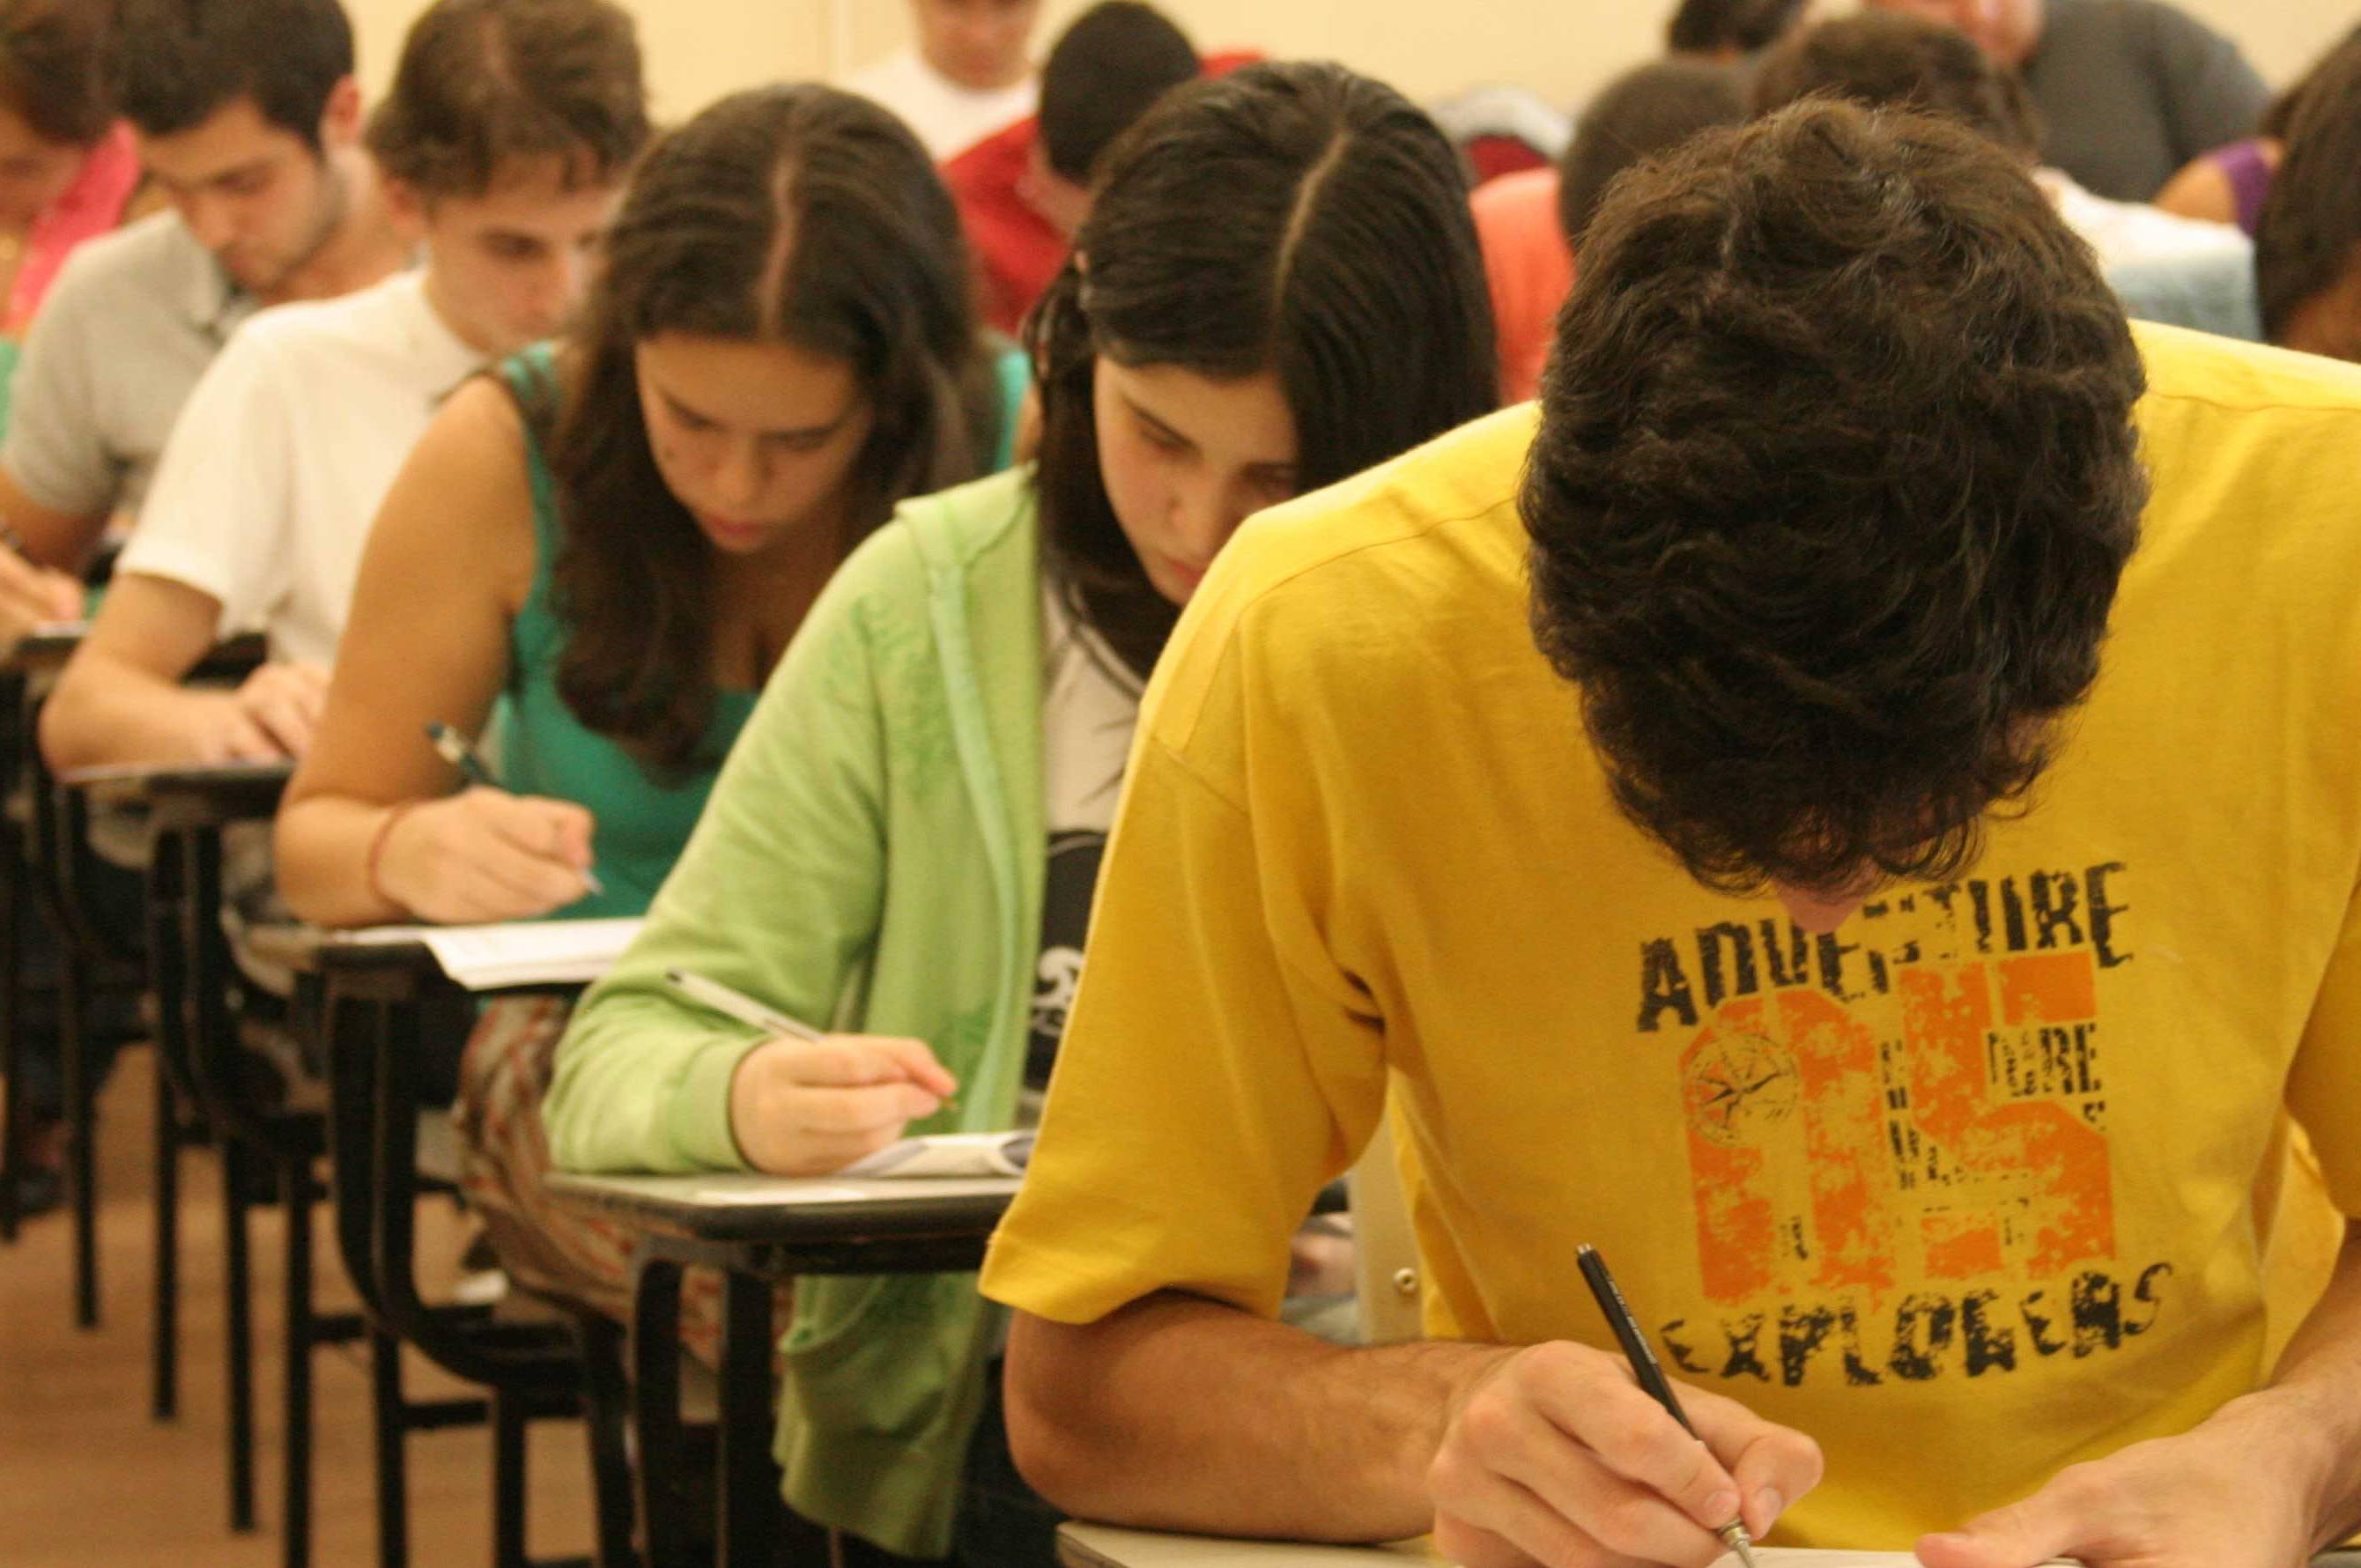 redação do enem 2015 - Maior nota do Enem 2015 foi em matemática; confira as máximas e mínimas